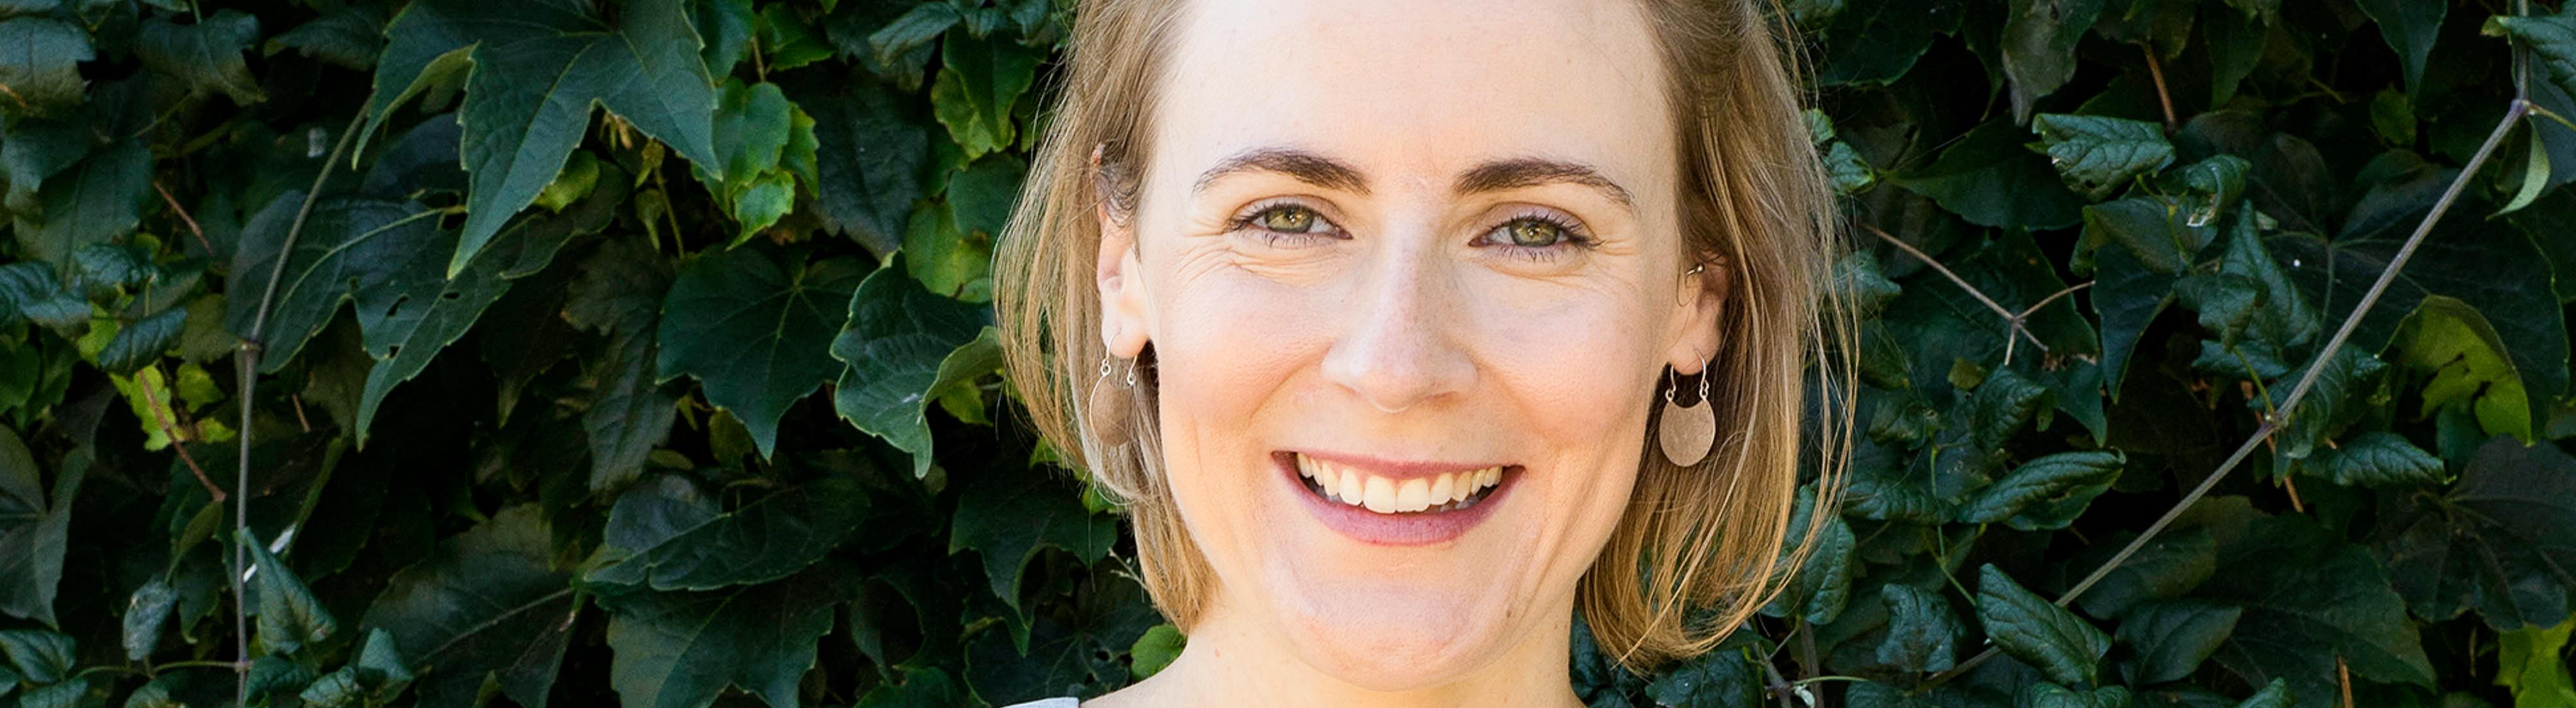 Die psychologische Psychotherapeutin Sonia Kessler-Scheil.